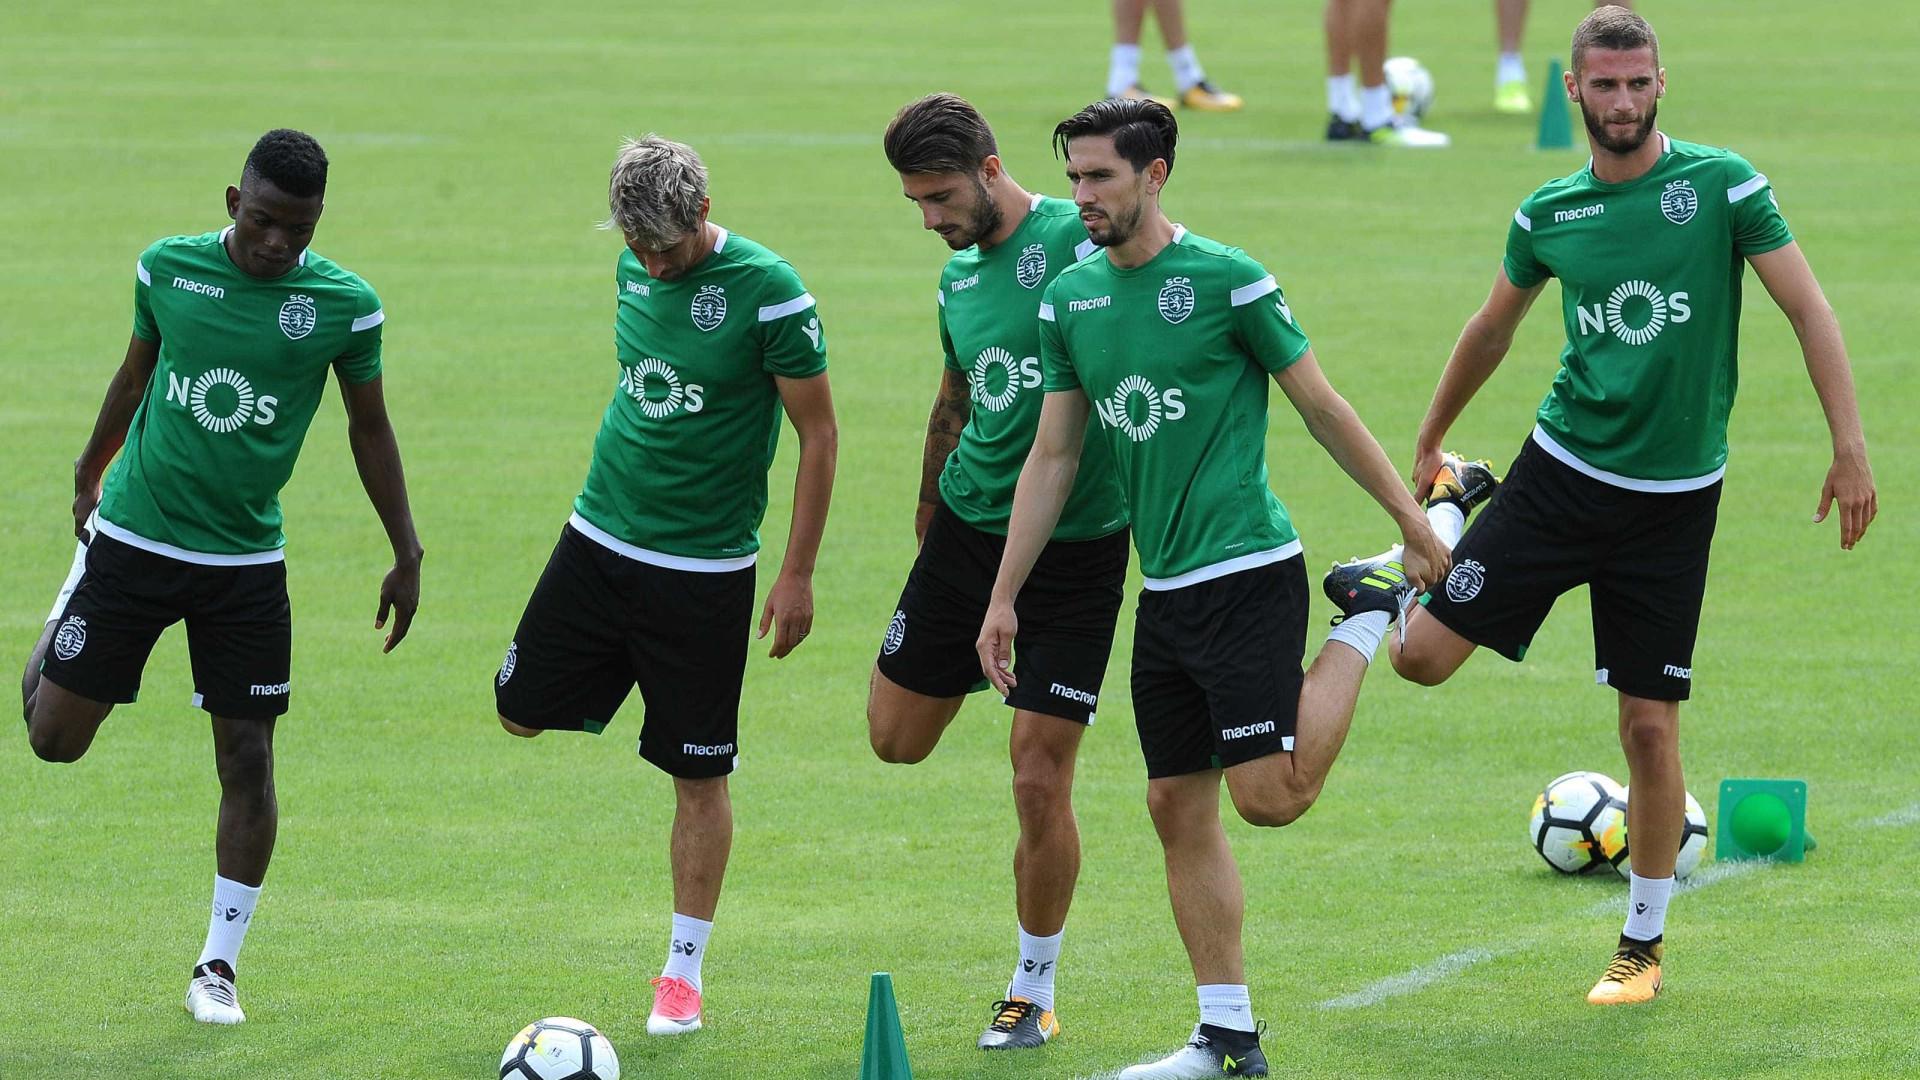 Sporting empresta Domingos Duarte ao Desportivo de Chaves — Oficial